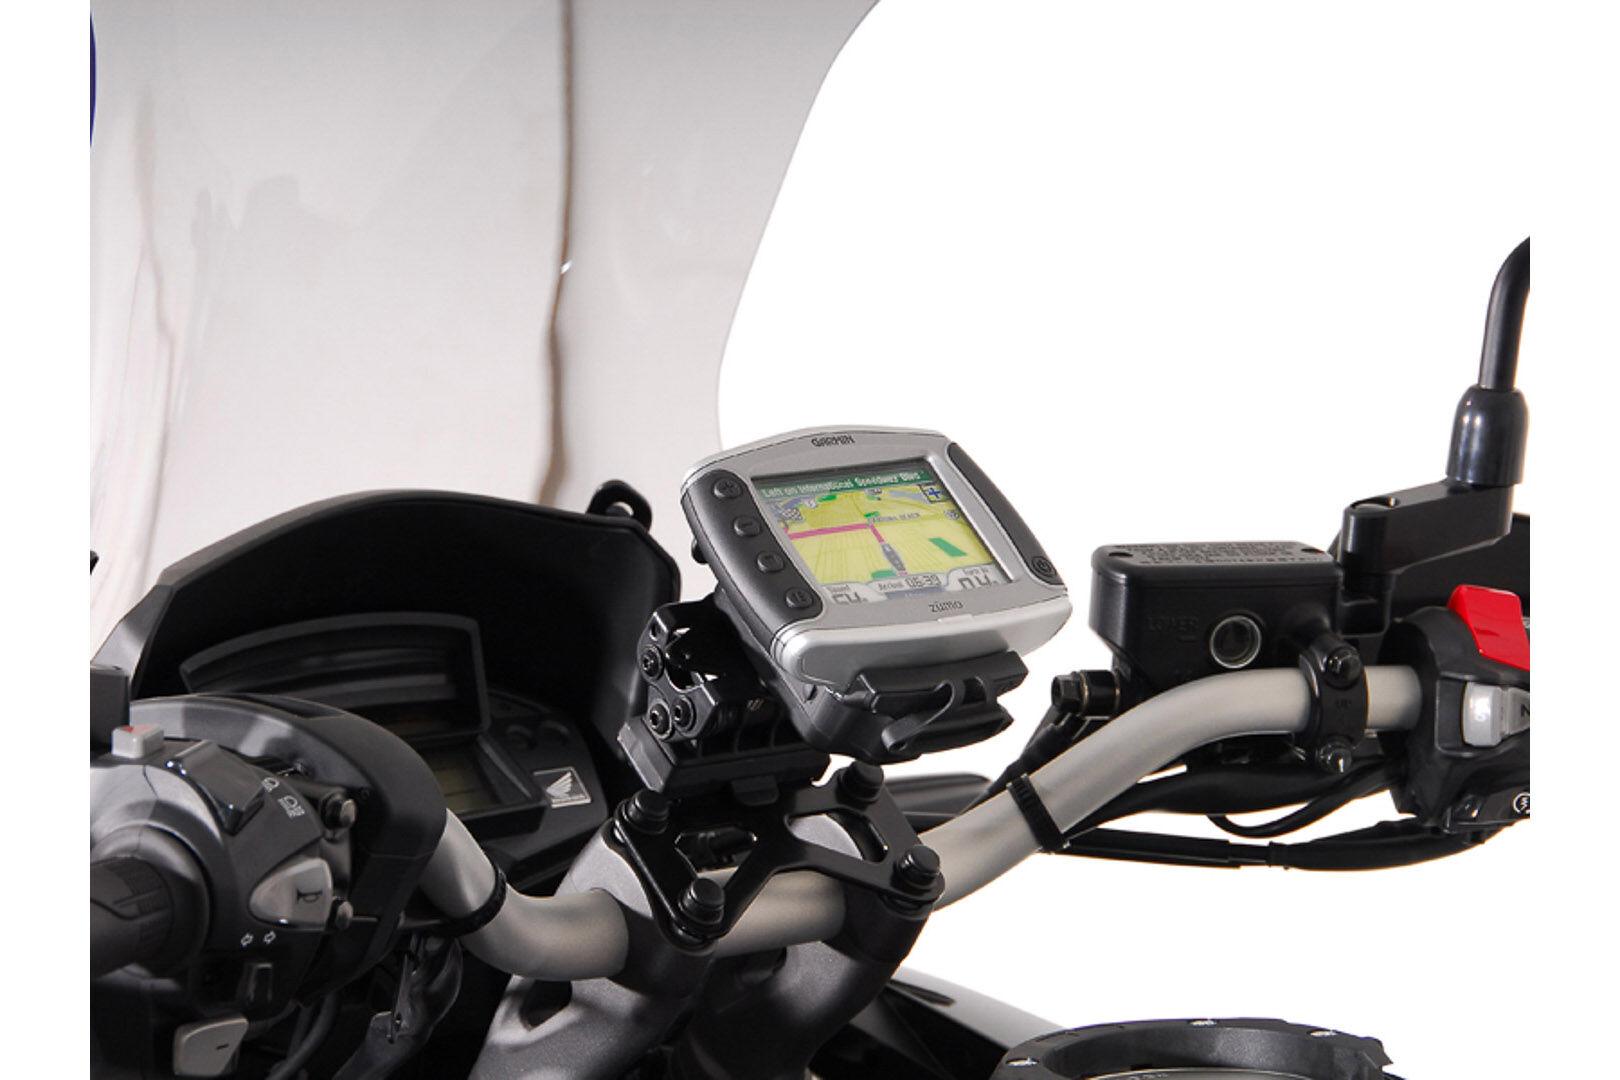 SW-Motech Honda VFR 1200 X Crosstourer (11-) Montaggio GPS per Handlebar